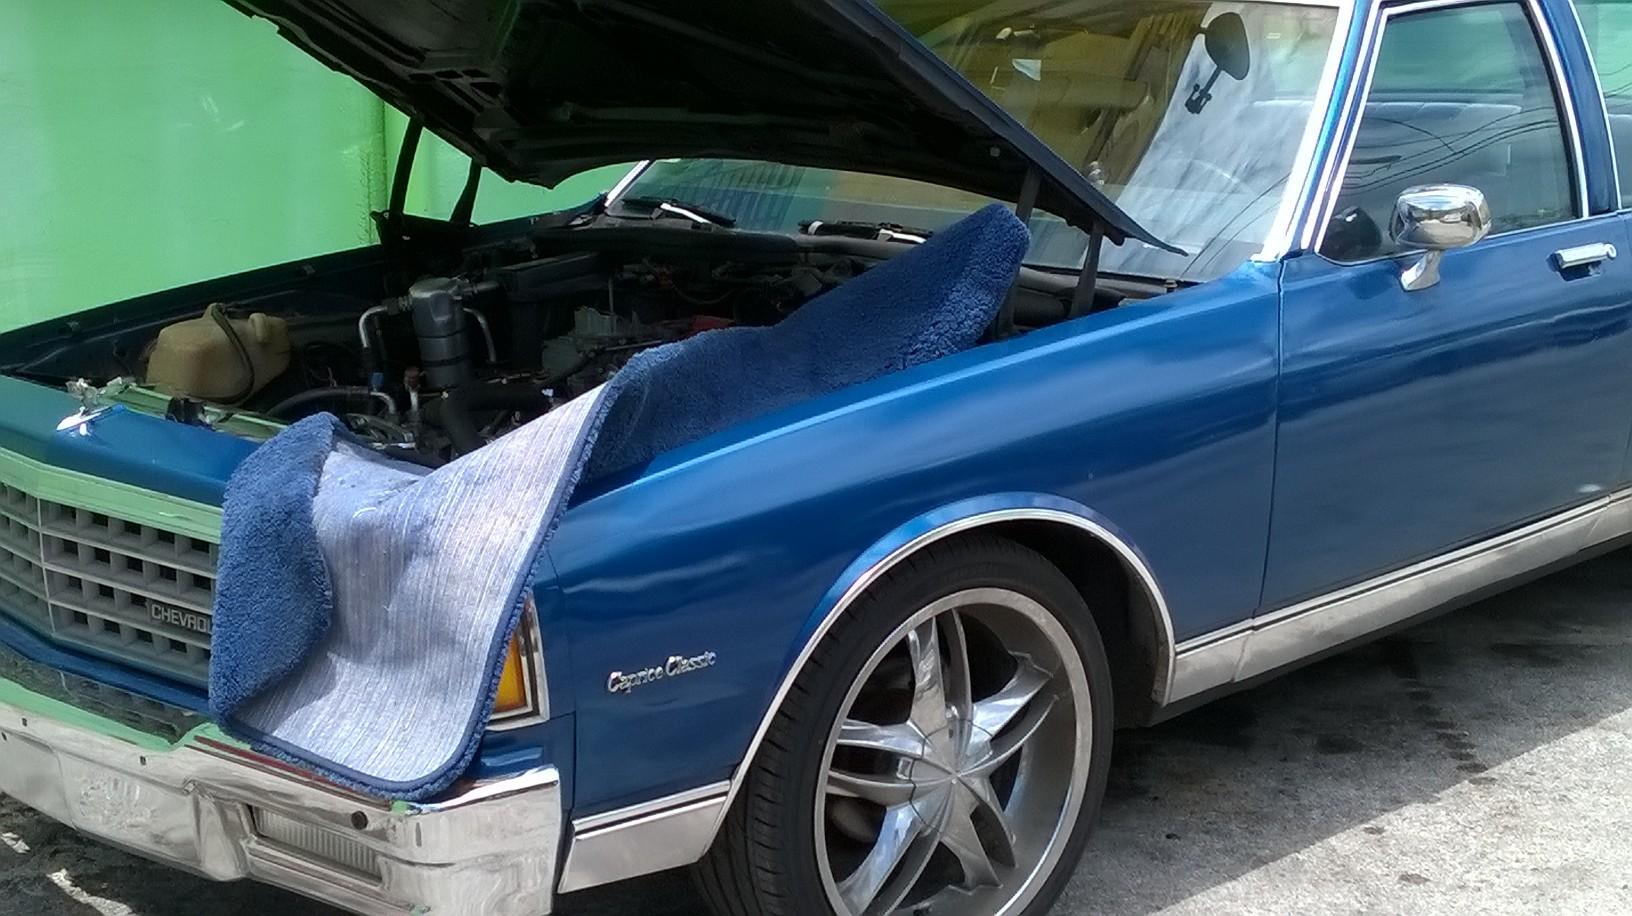 1977 Chevrolet Impala,350